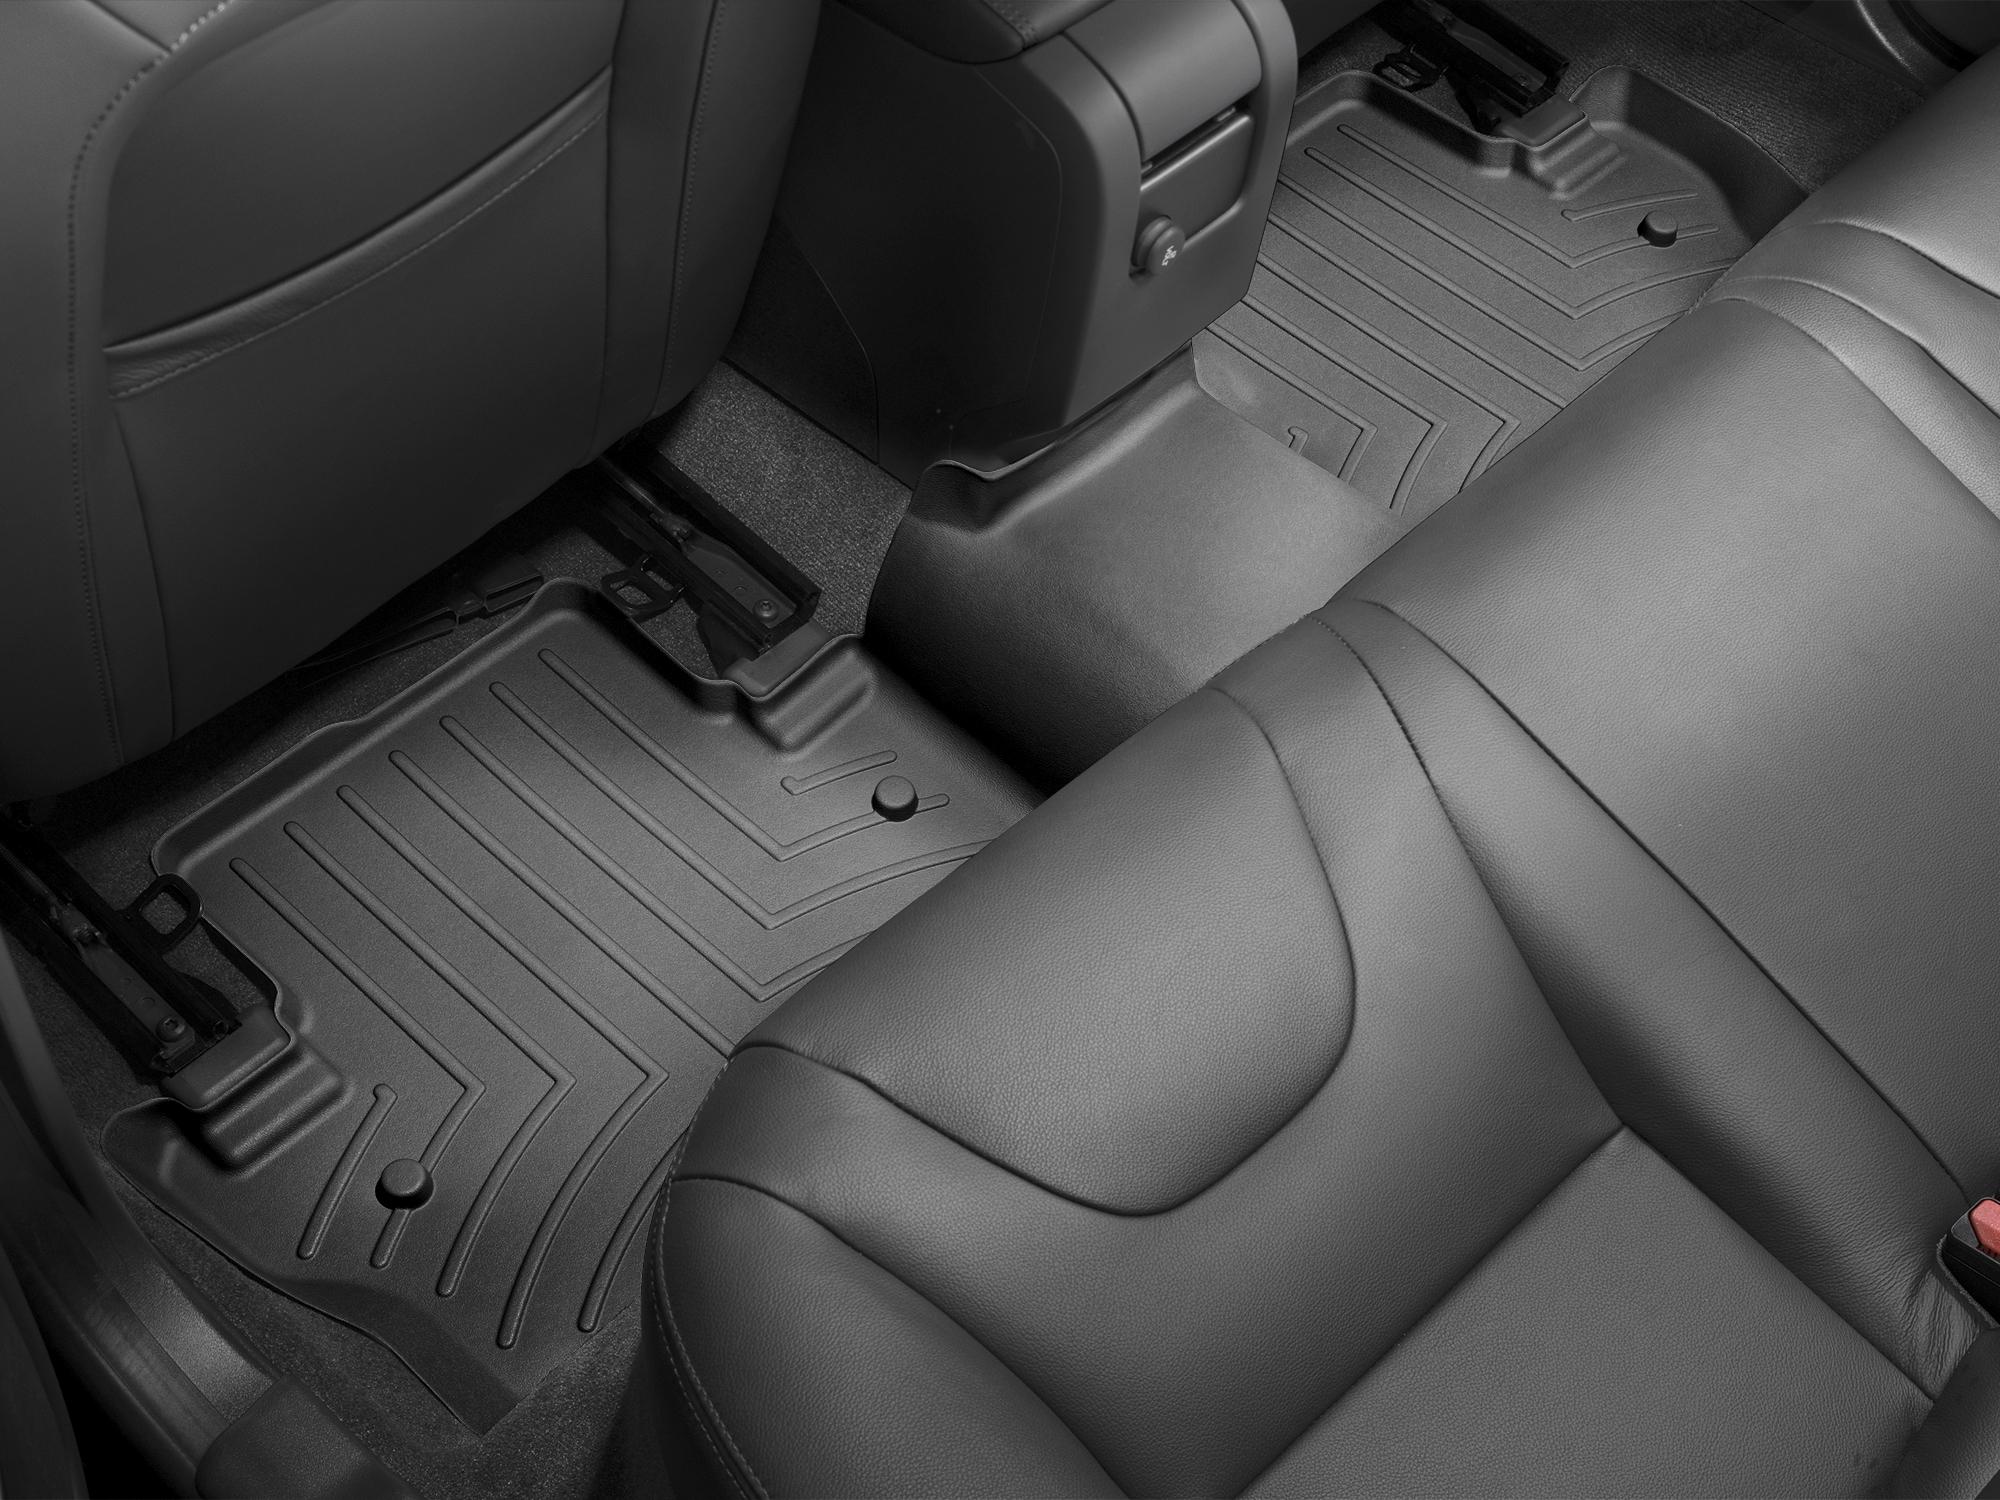 Tappeti gomma su misura bordo alto Volvo V60 Cross Country 15>17 Nero A4405*